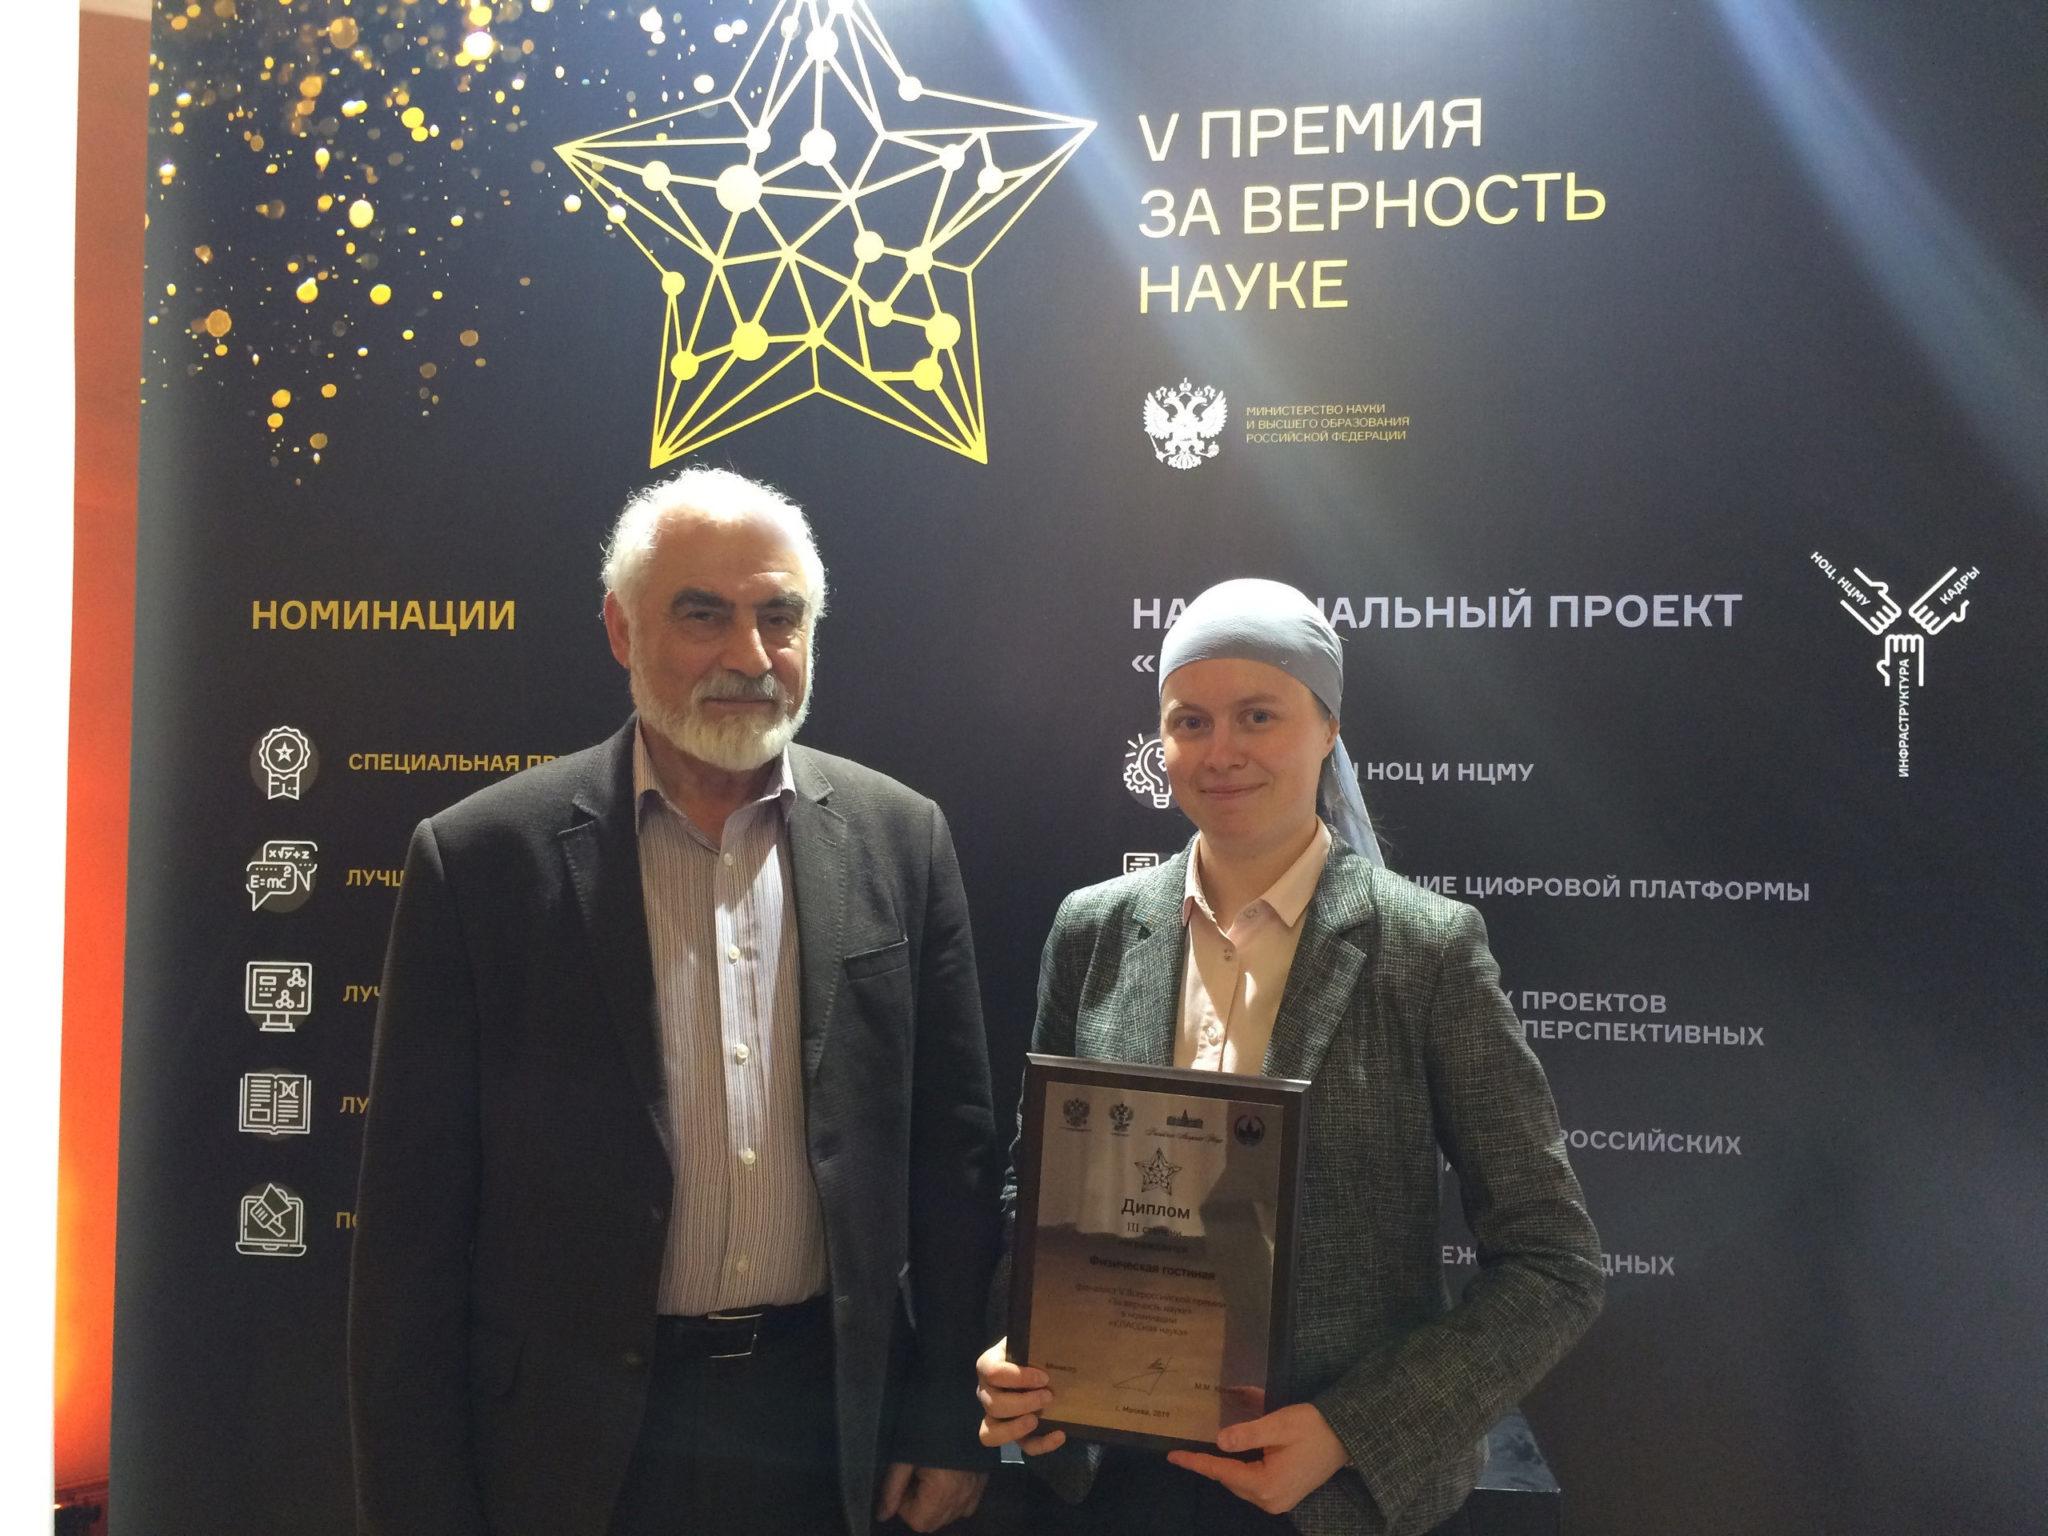 Руководитель (Ксения Теплякова) и научный руководитель (Григорий Гольцман) проекта «Физическая гостиная»